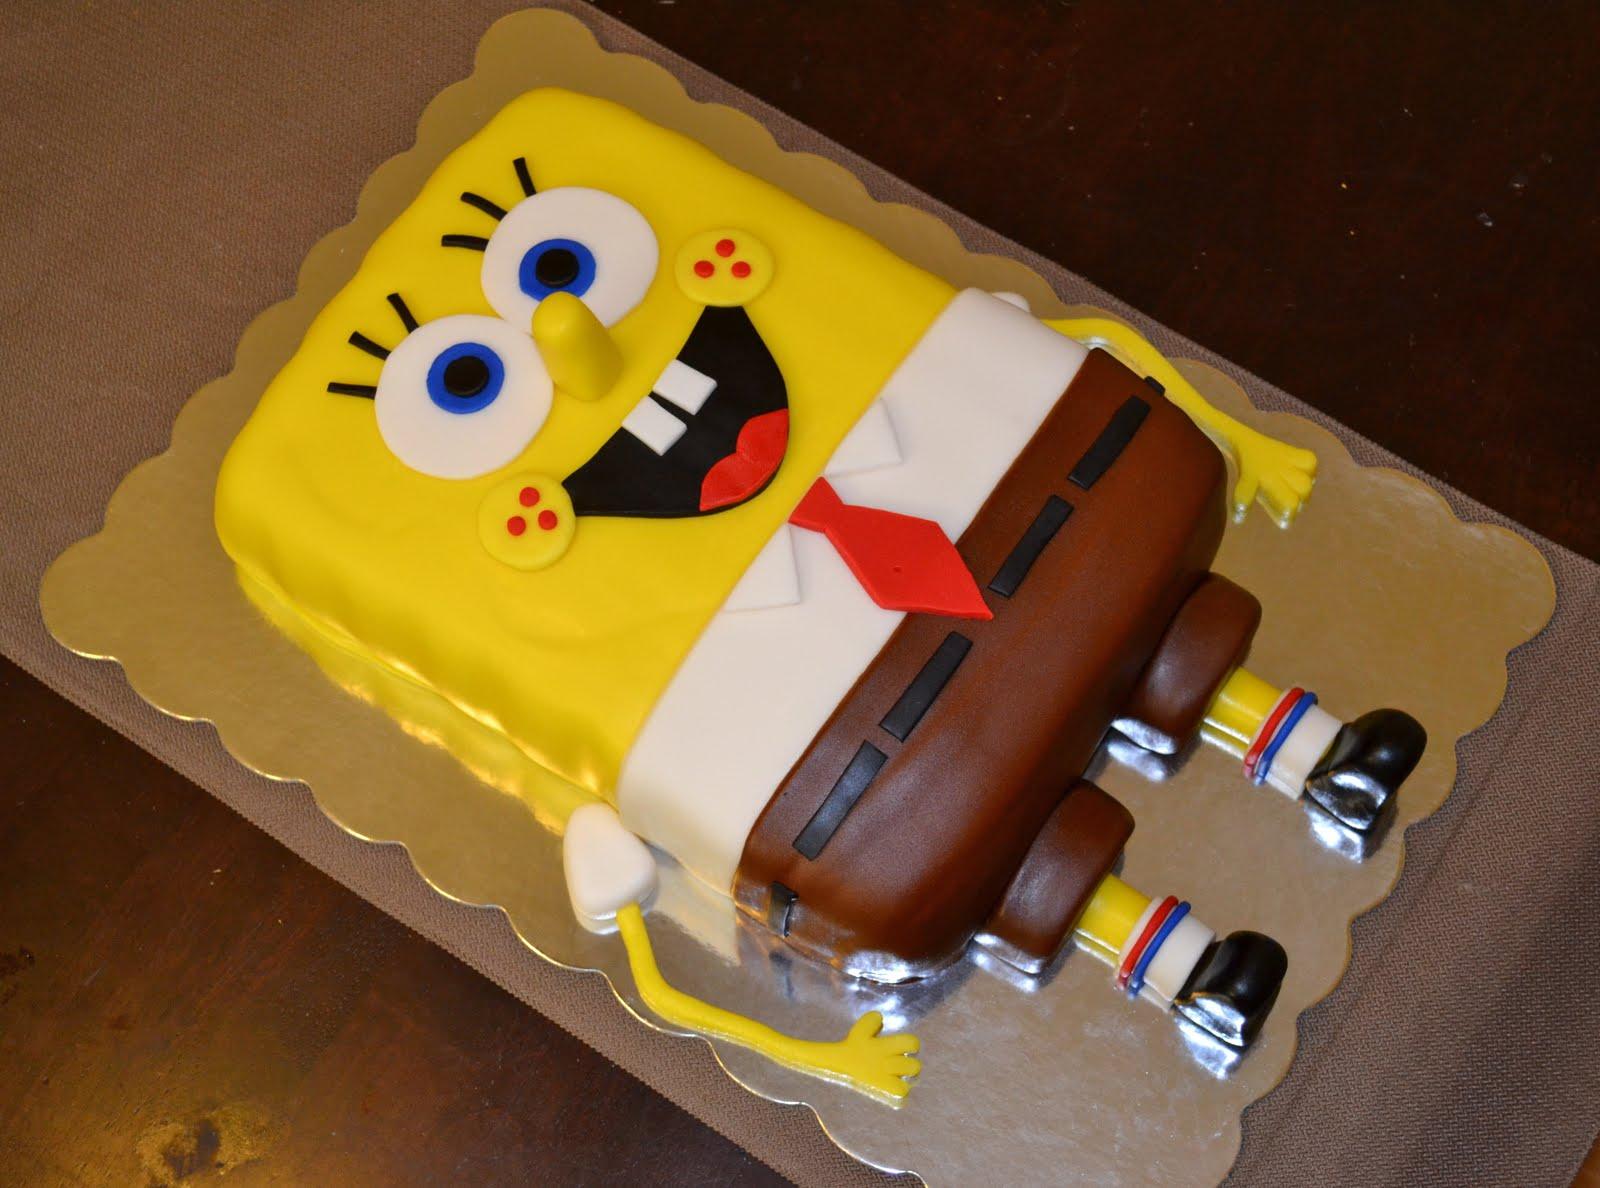 Spongebob Squarepants Cupcake Cake